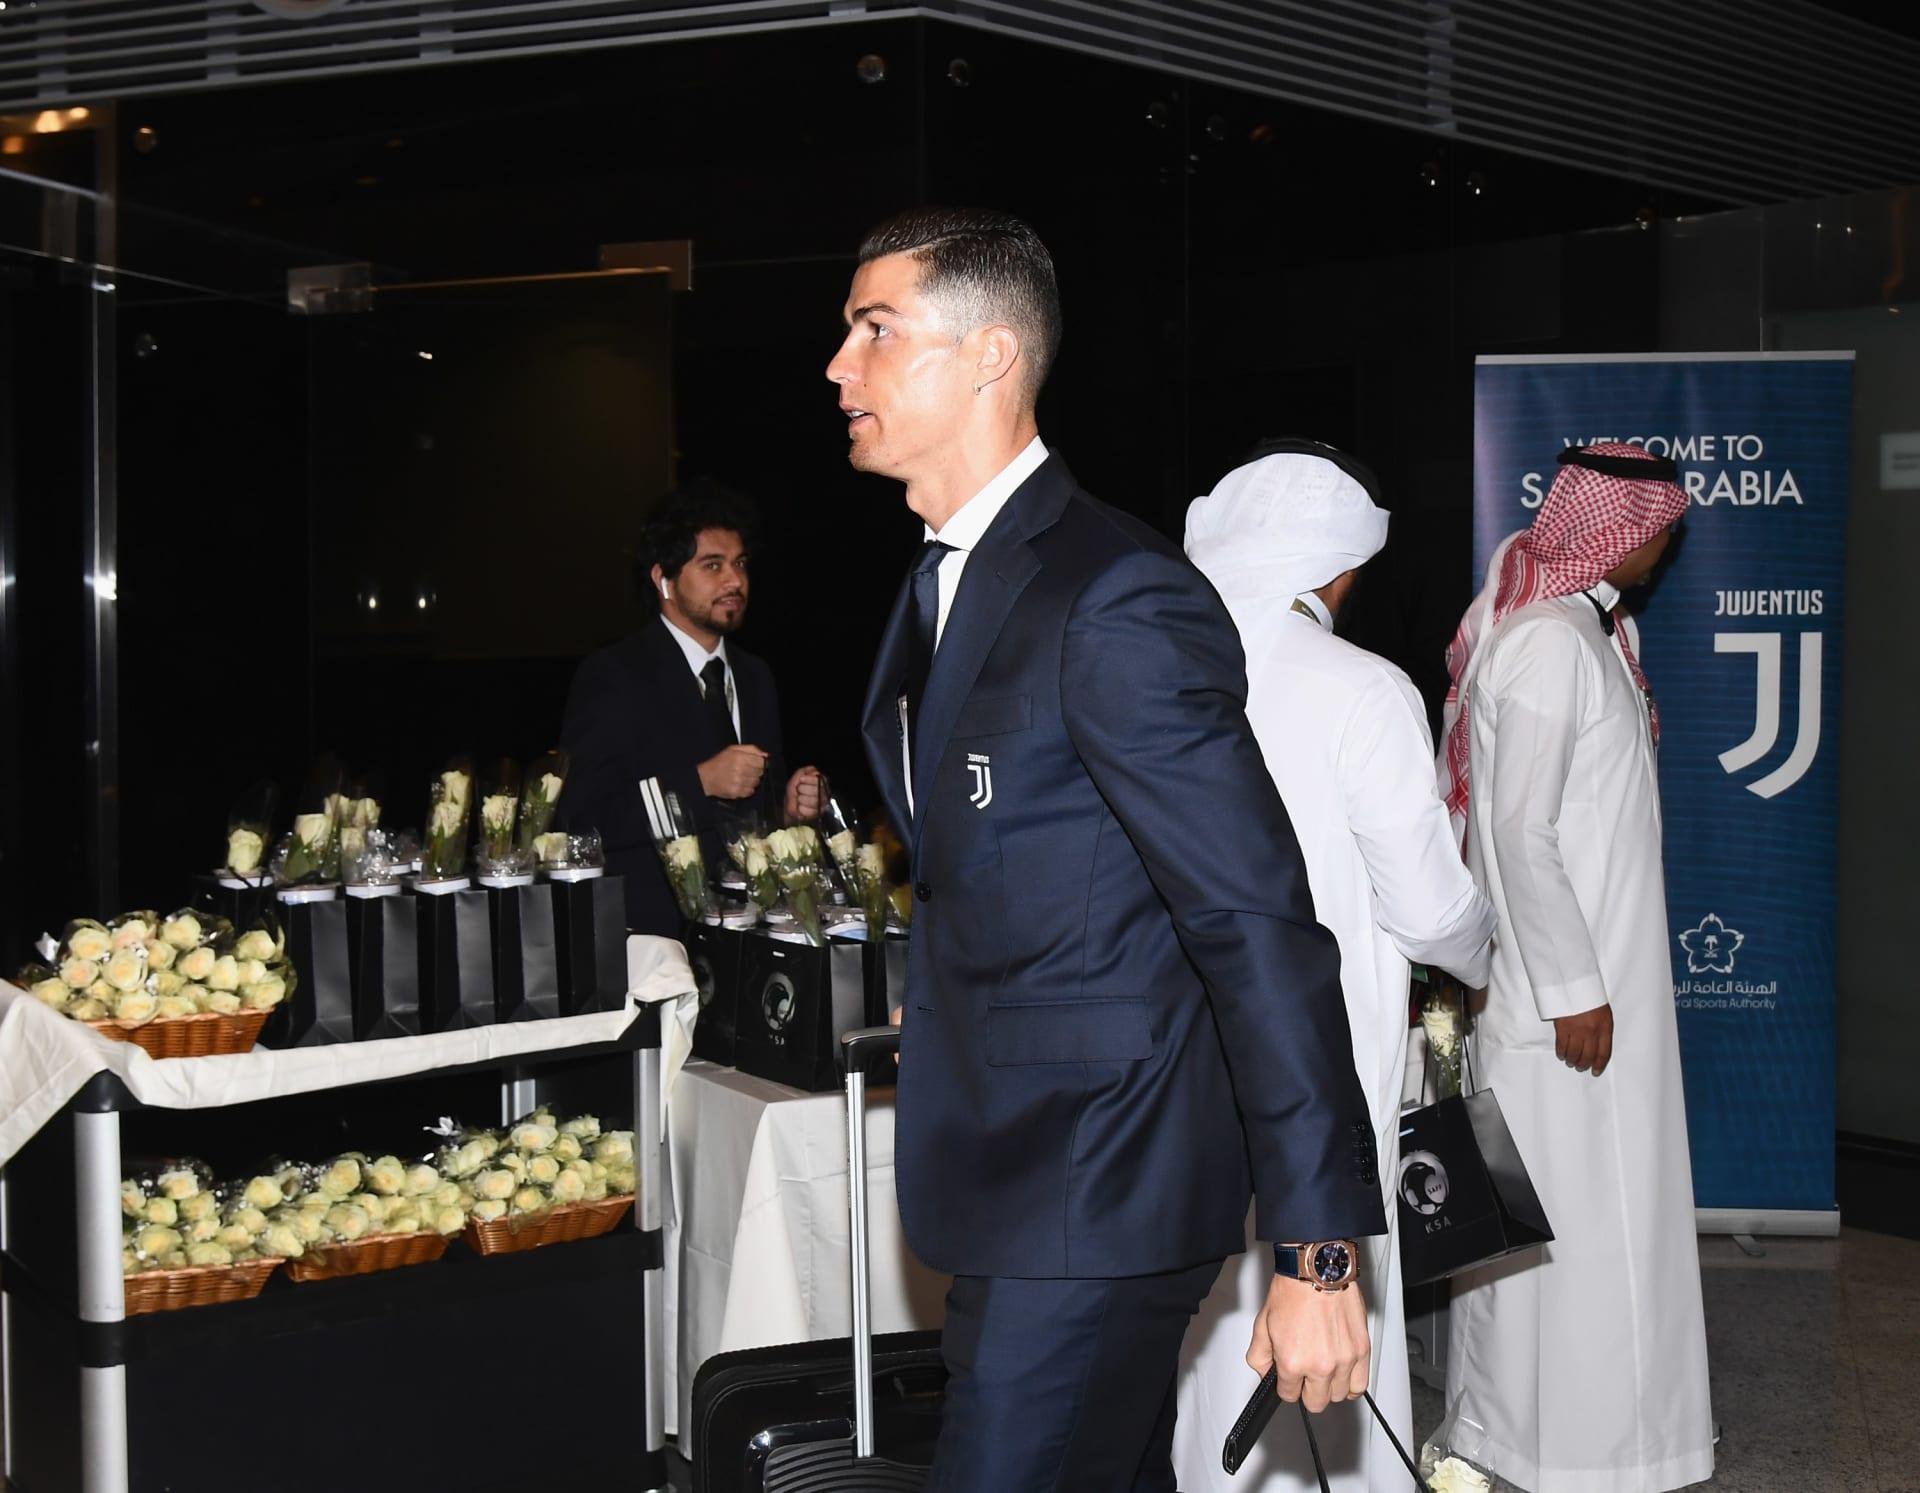 صورة لرونالدو مع رجل أمن سعودي تثير ضجة.. والسبب؟